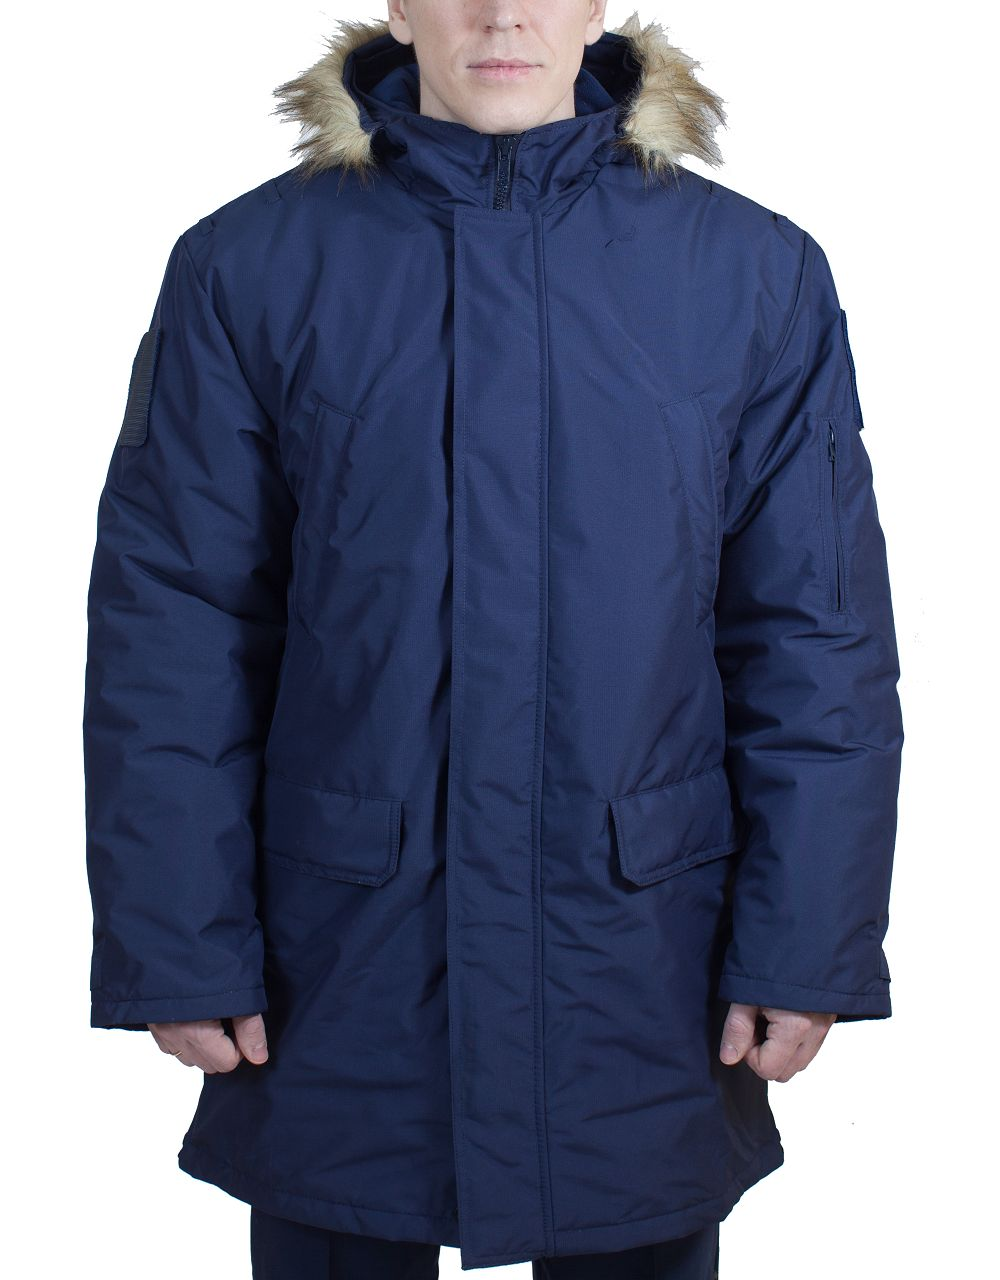 Куртка аляска (ткань рип-стоп мембрана) под офисную форму синяя